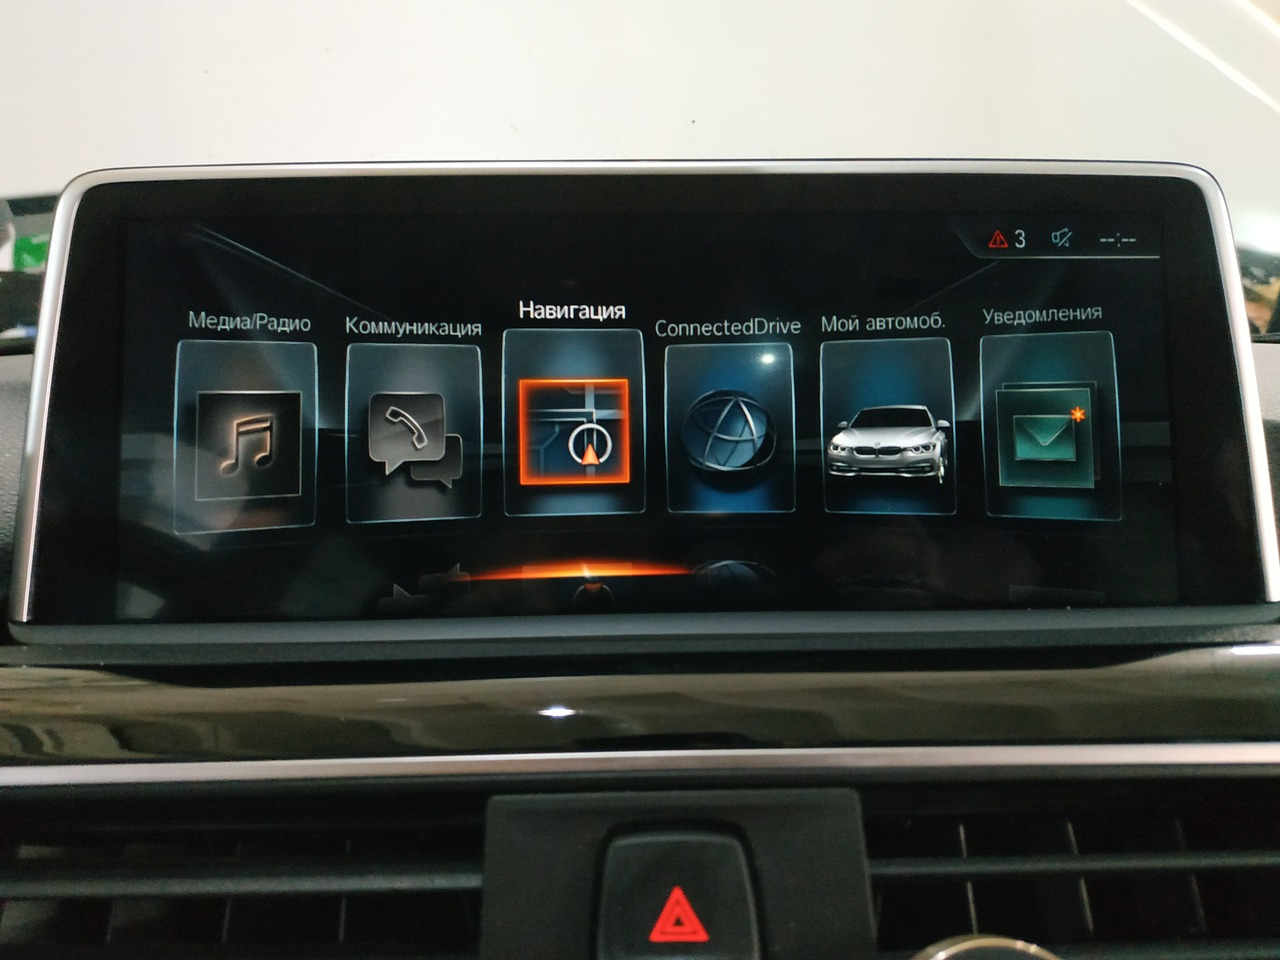 Интерфейс NBT Evo ID6 на мониторе от BMW F15